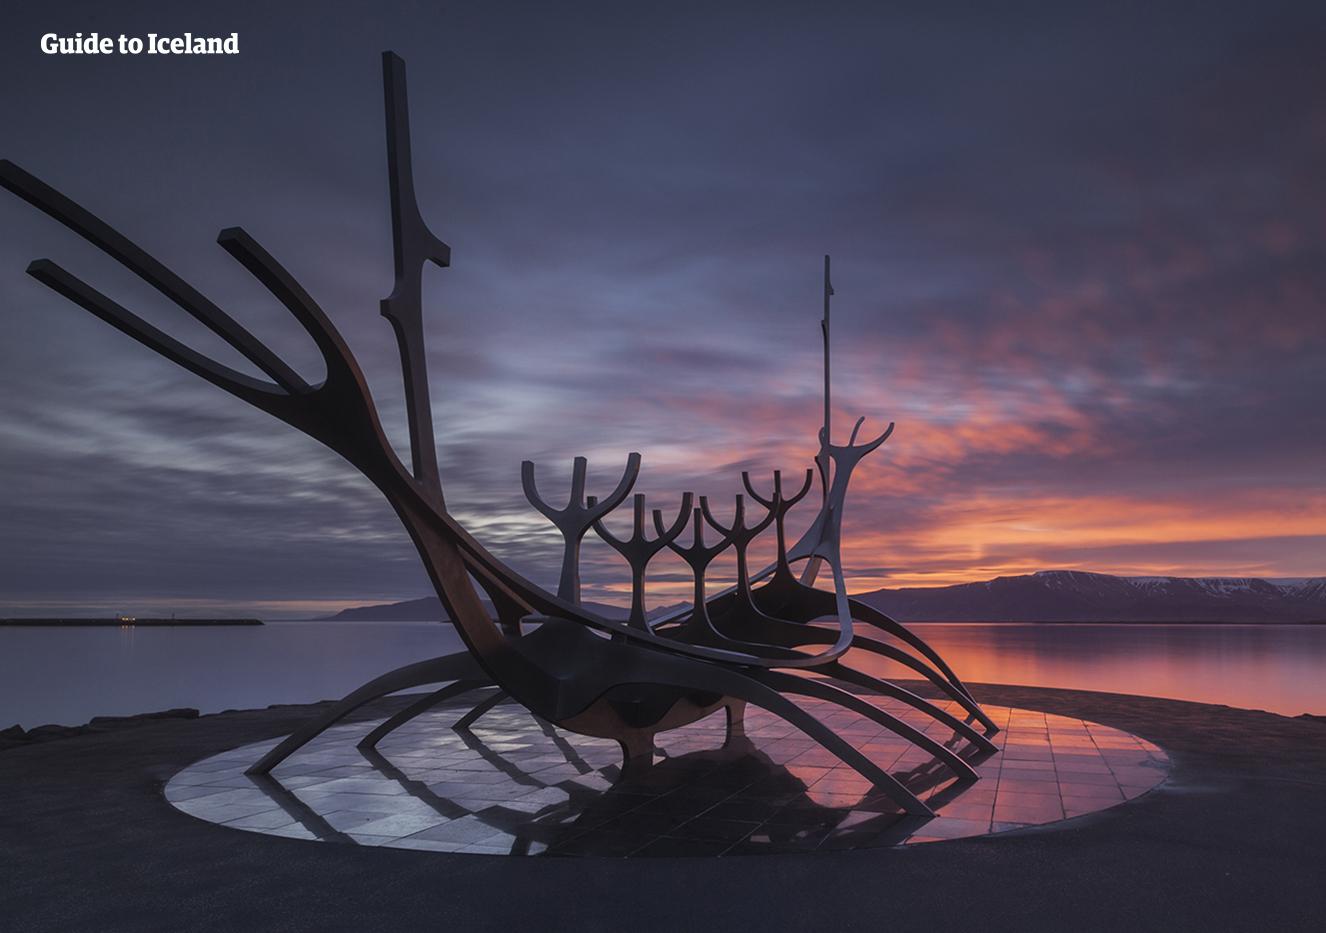 Beobachte von einem Platz neben der Skulptur Sun Voyager in Reykjavik, wie sich die Sonne hinter dem Berg Esja versteckt.